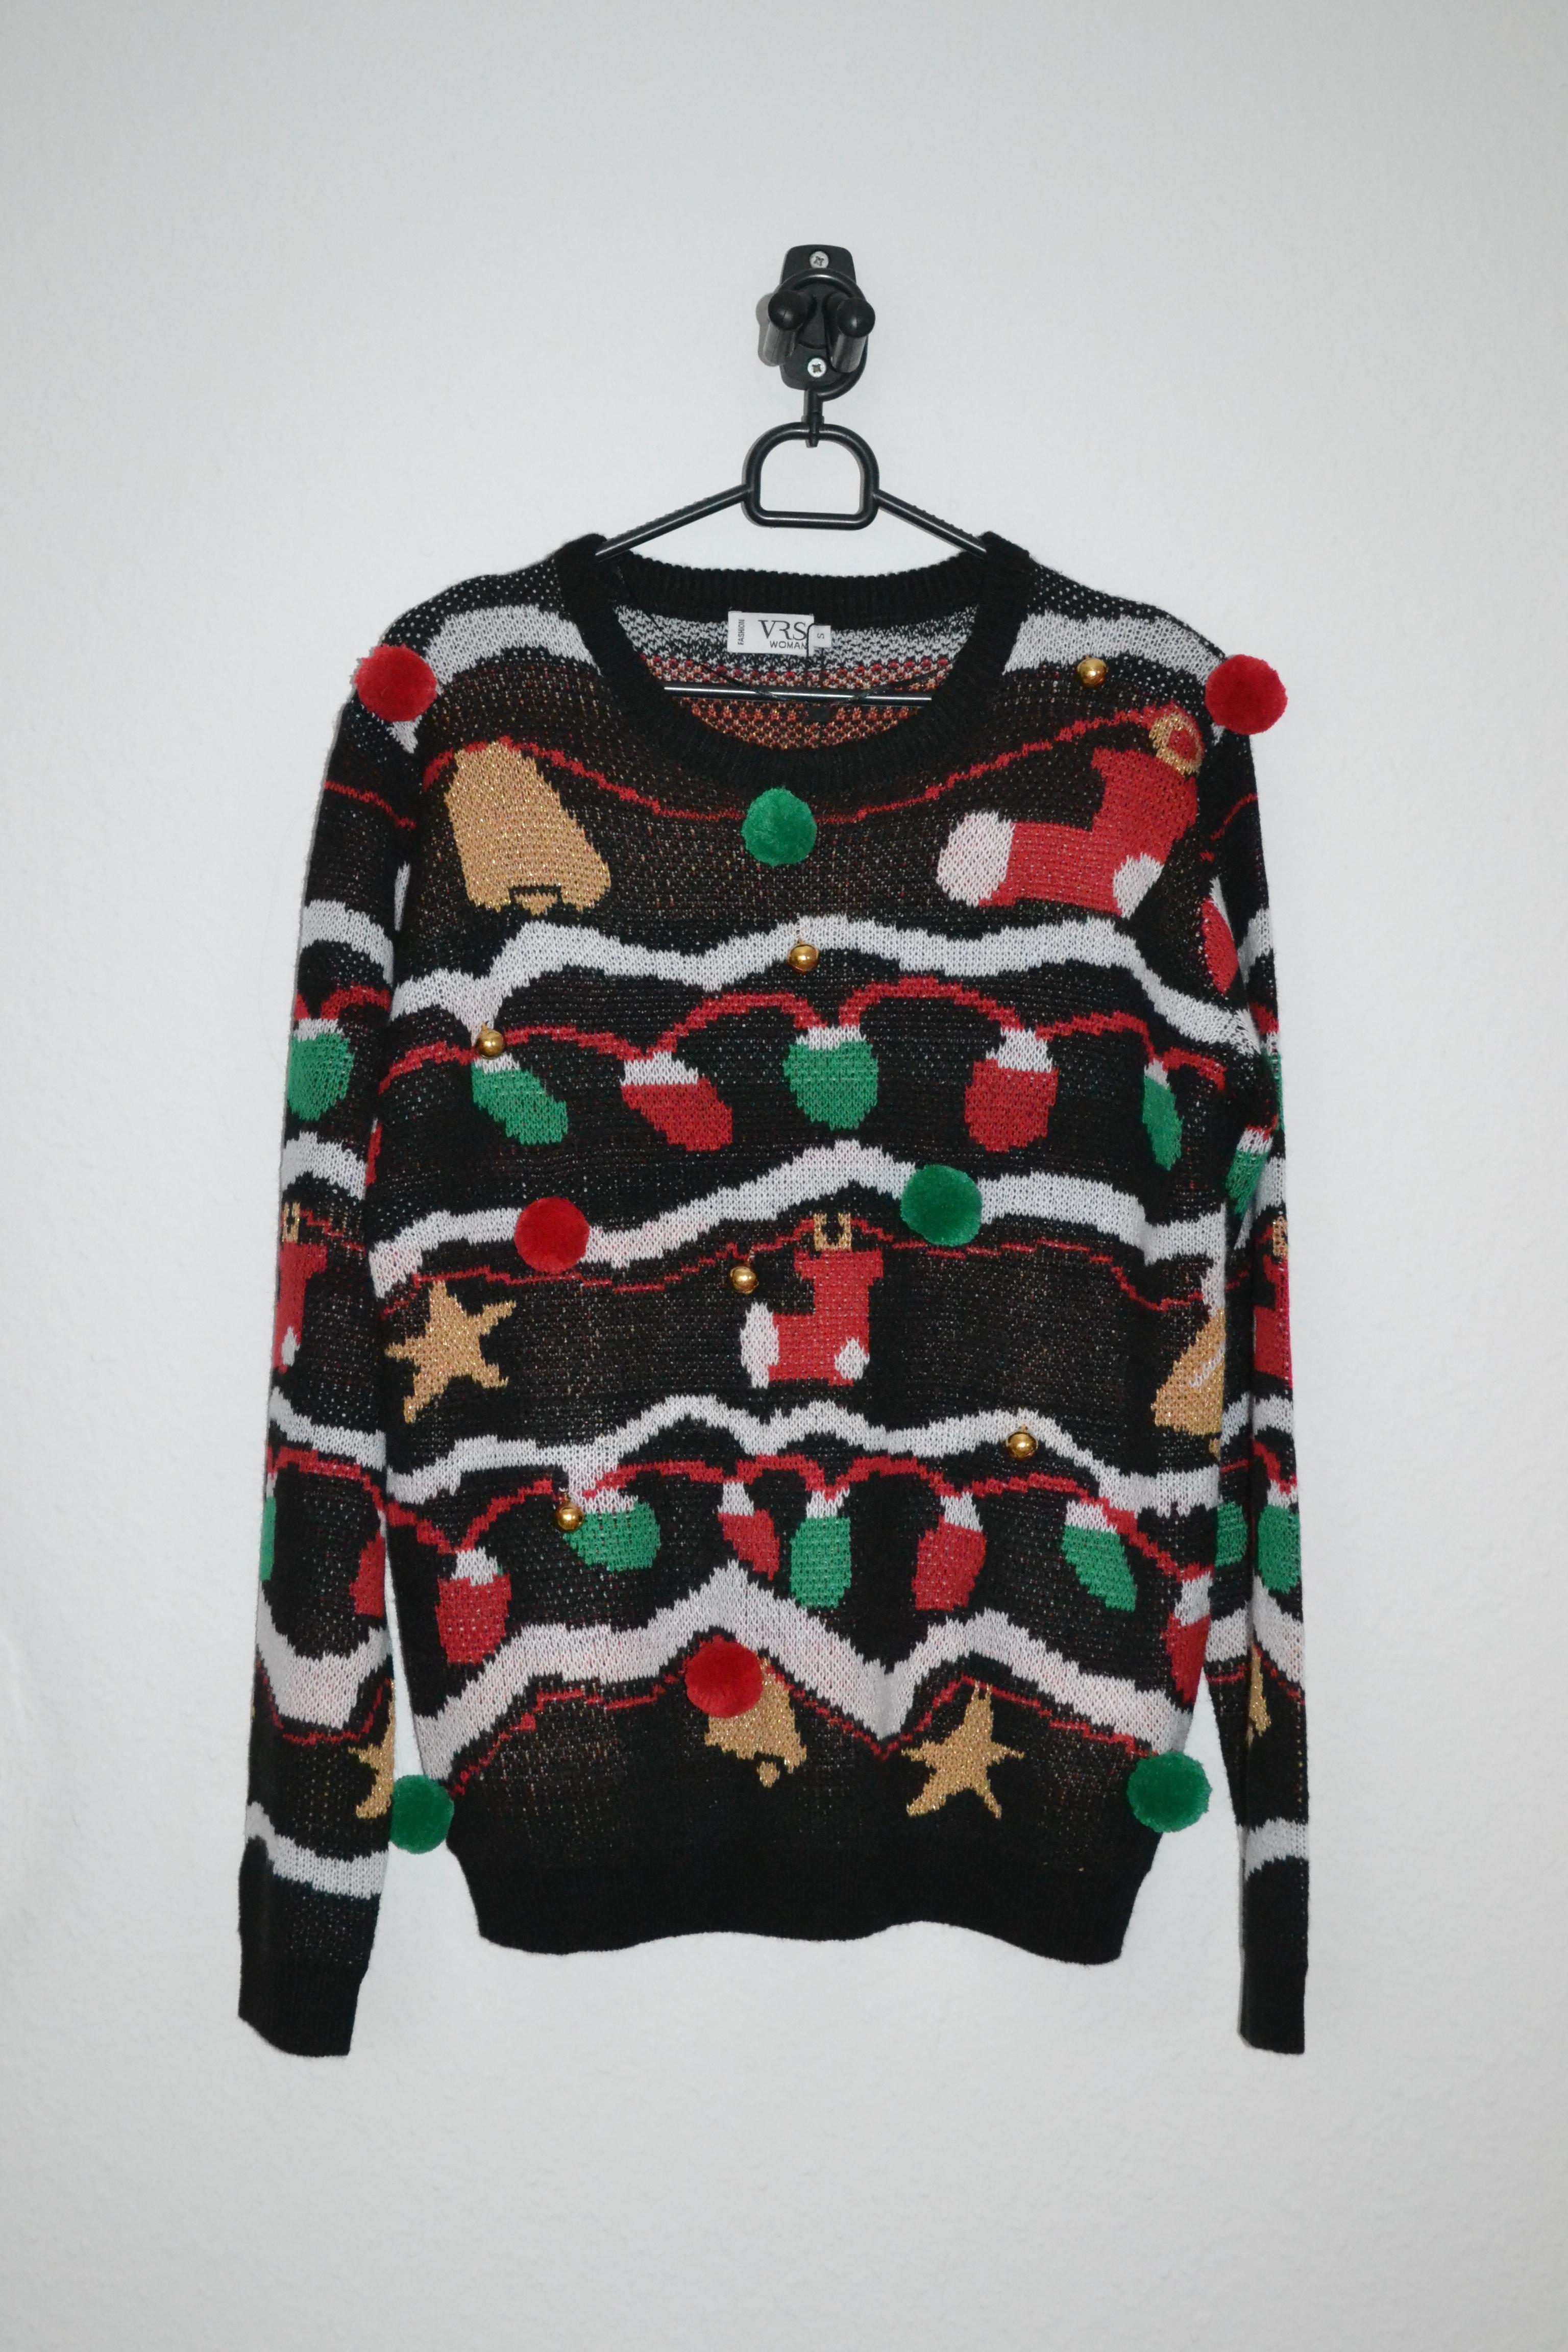 Sort sweater m. guirlander af julepynt inkl. bjælder og pompommer - VRS